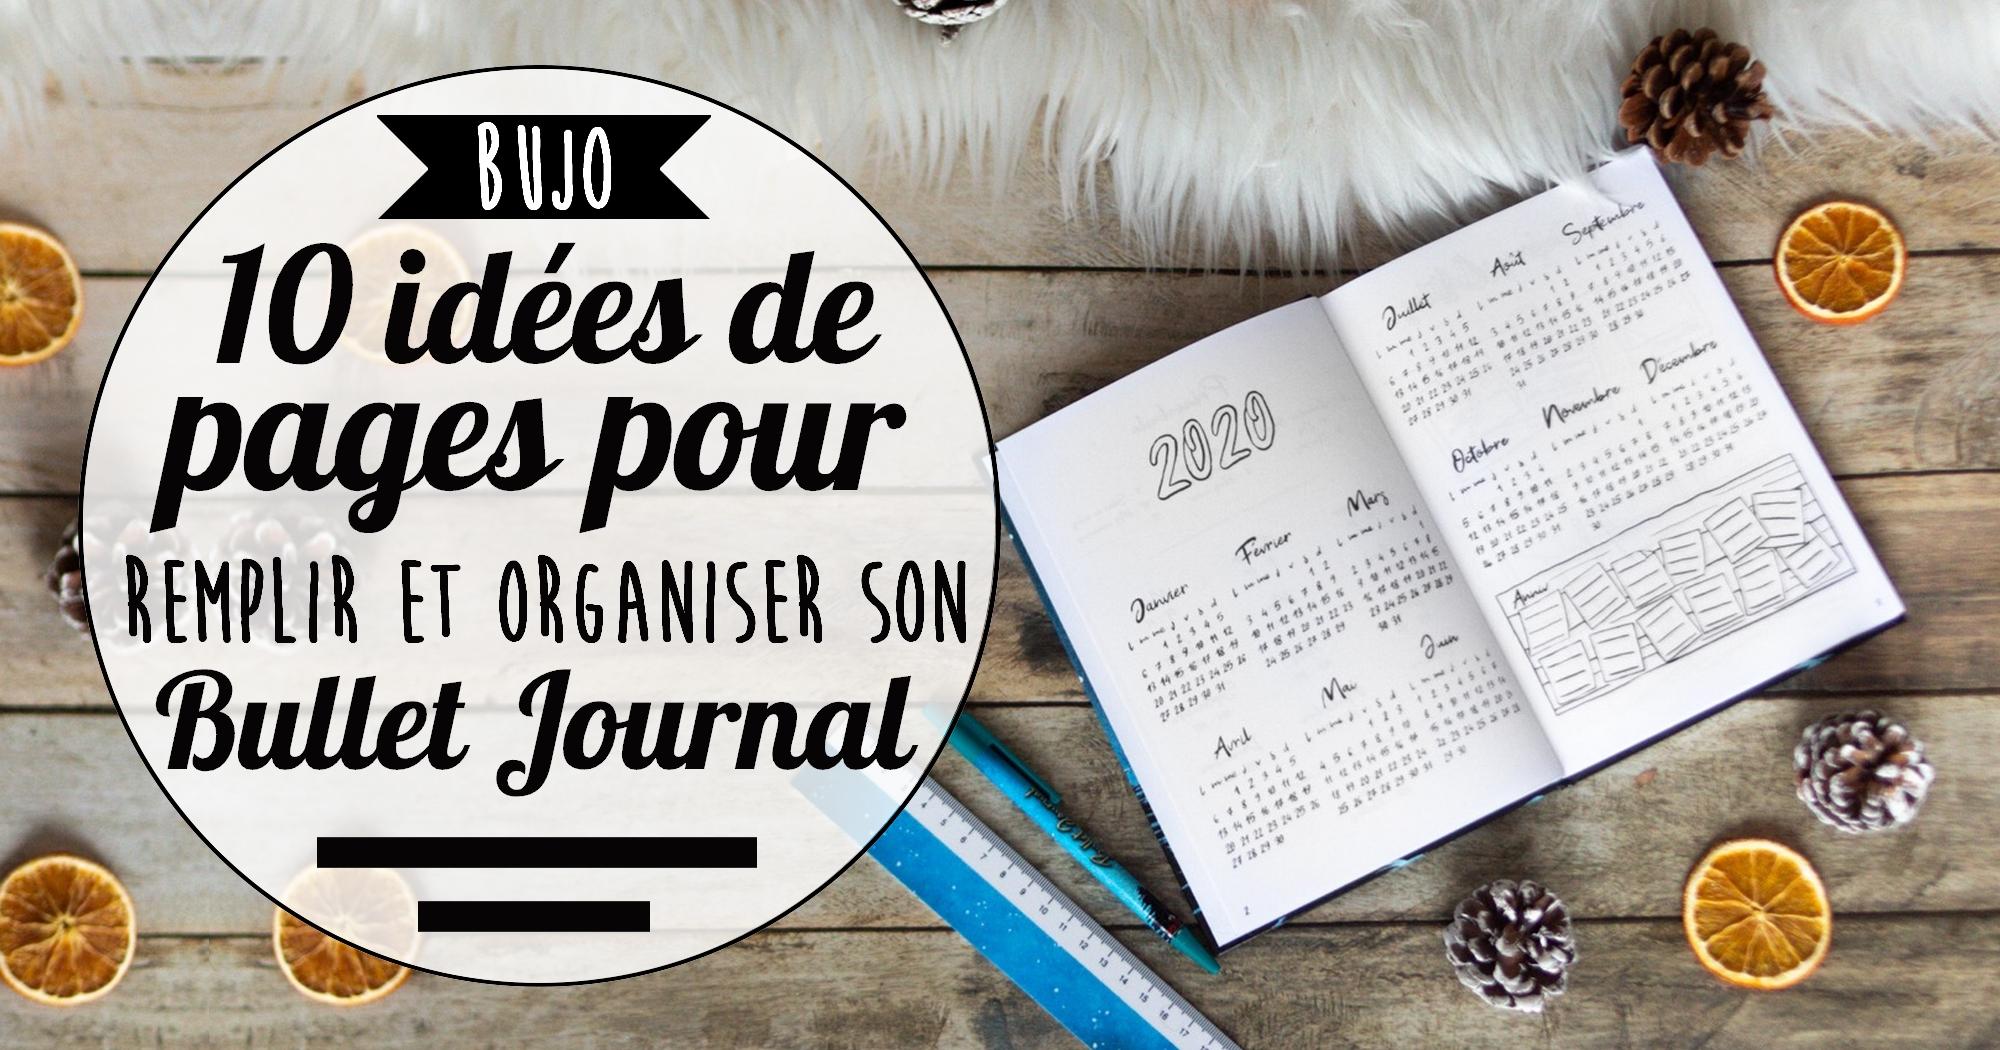 BuJo : 10 idées de pages pour remplir et organiser son Bullet Journal